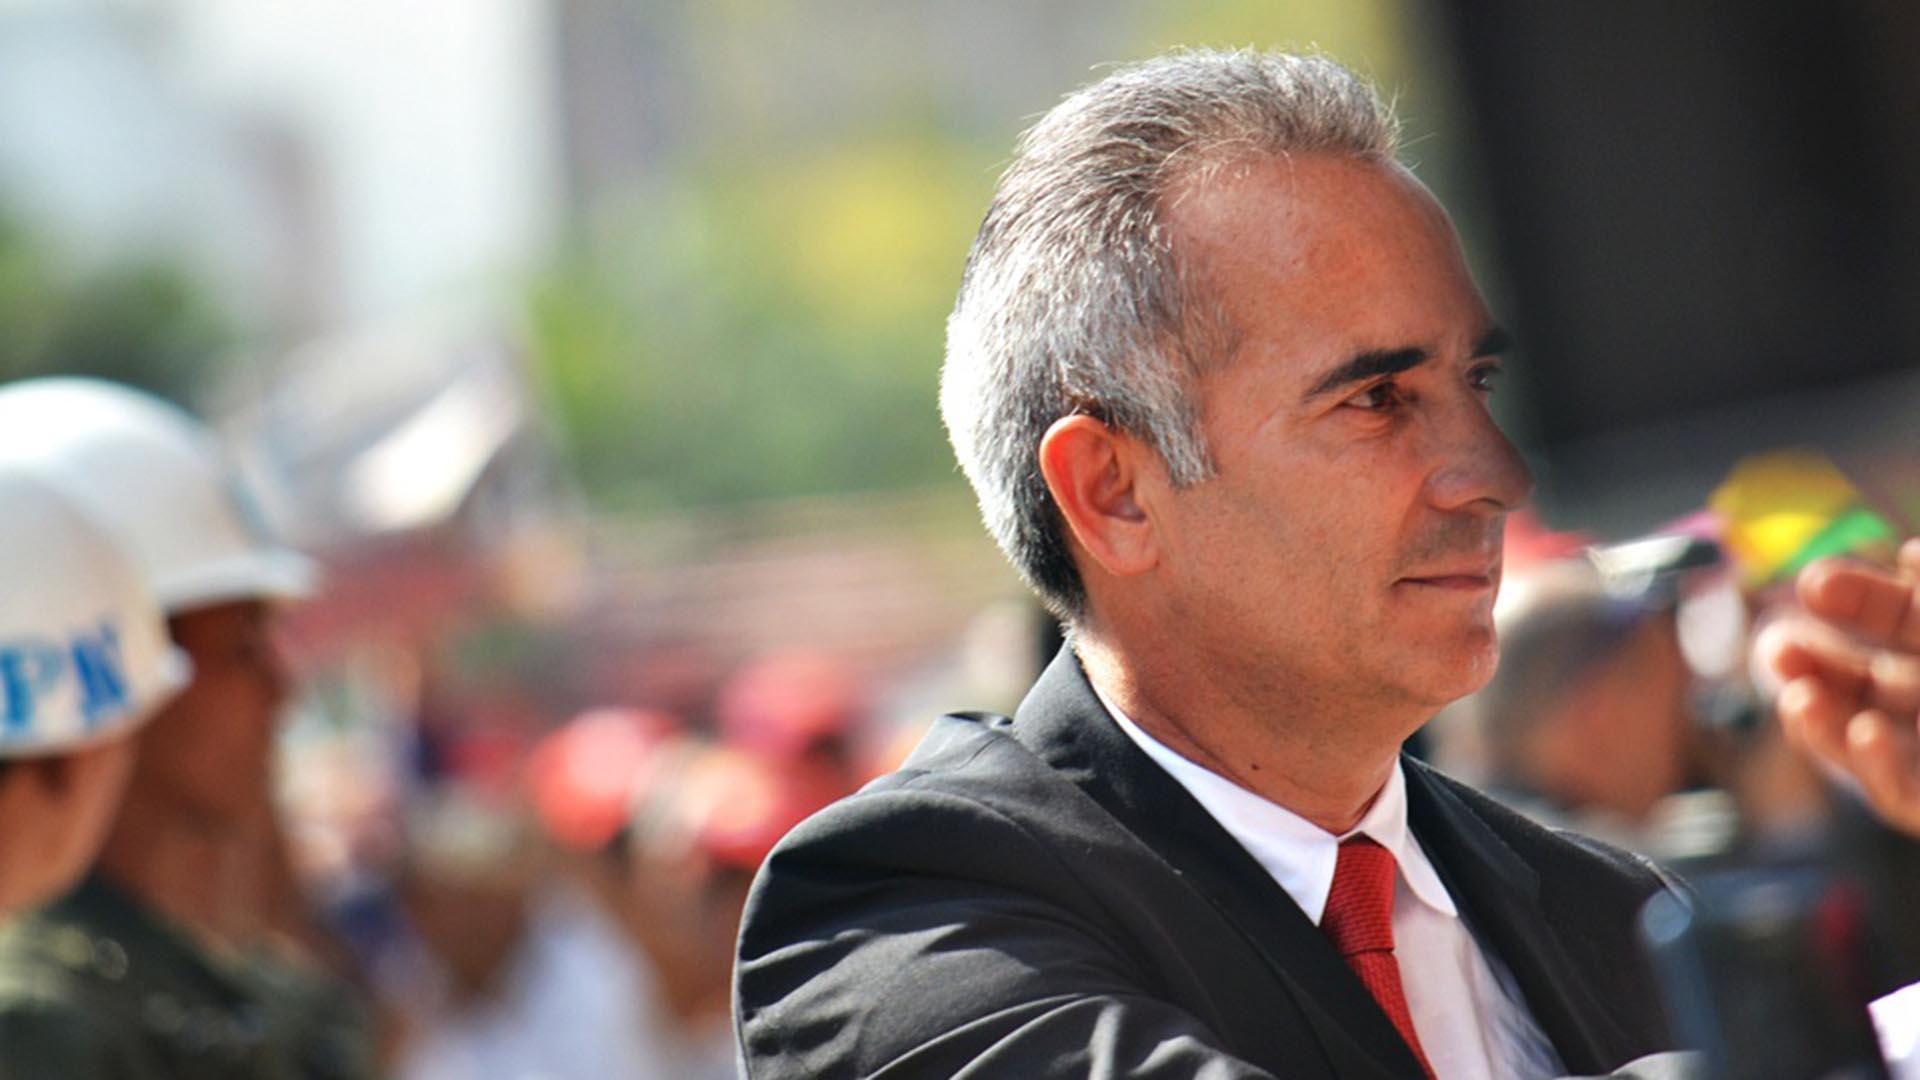 El exdiputado exigió ejercer toda la fuerza y autoridad del Estado contra las bandas criminales que operan en el País